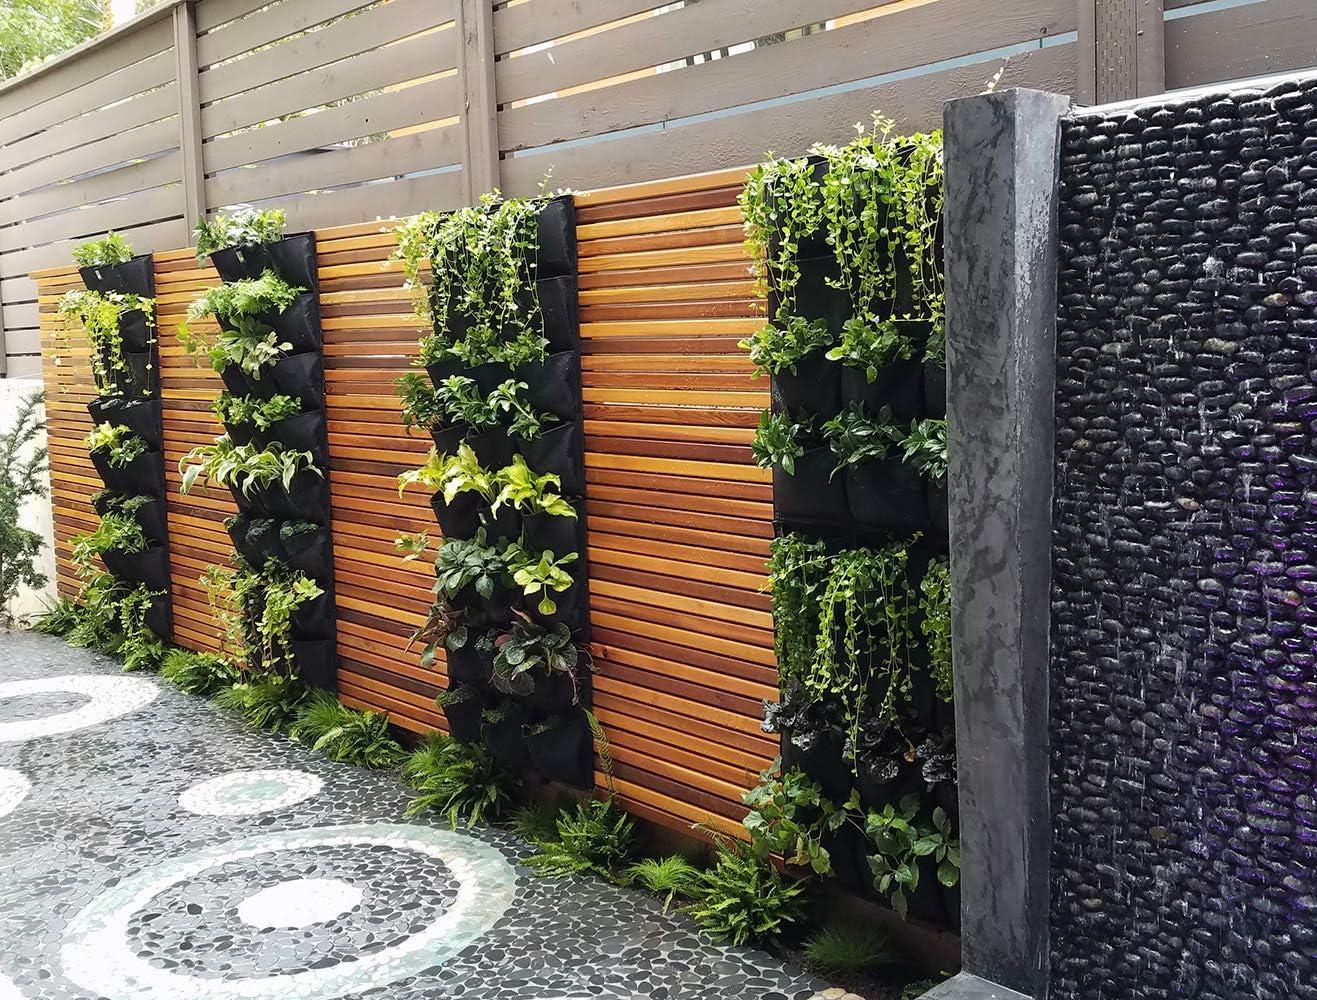 Amazon Com Delectable Garden Cloth 12 Pocket Hanging Vertical Garden Wall Planter For Yard Garden Home Decoration Garden Outdoor